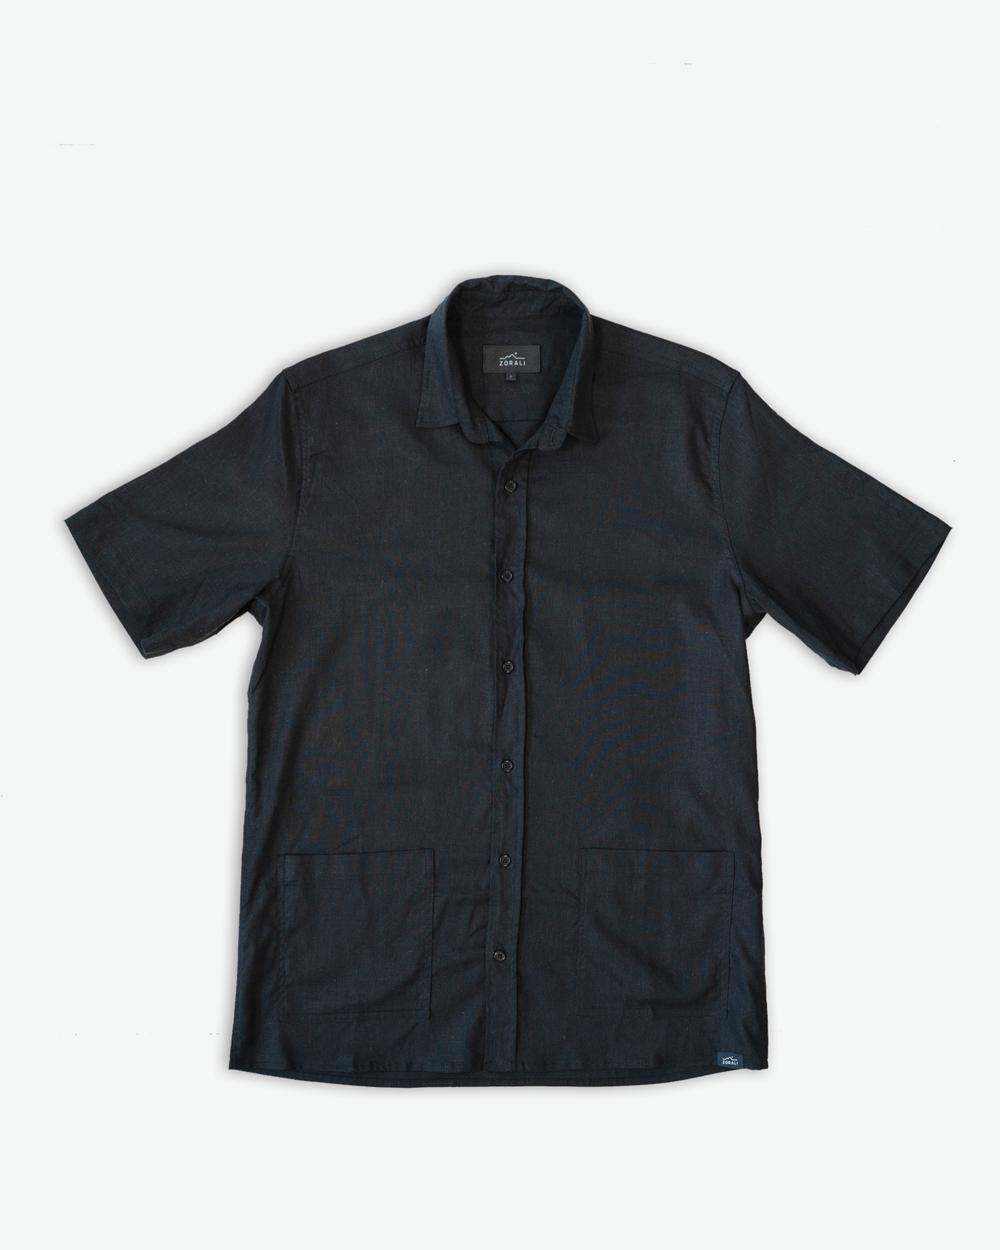 Zorali-Hemp-Shirt-Black.png